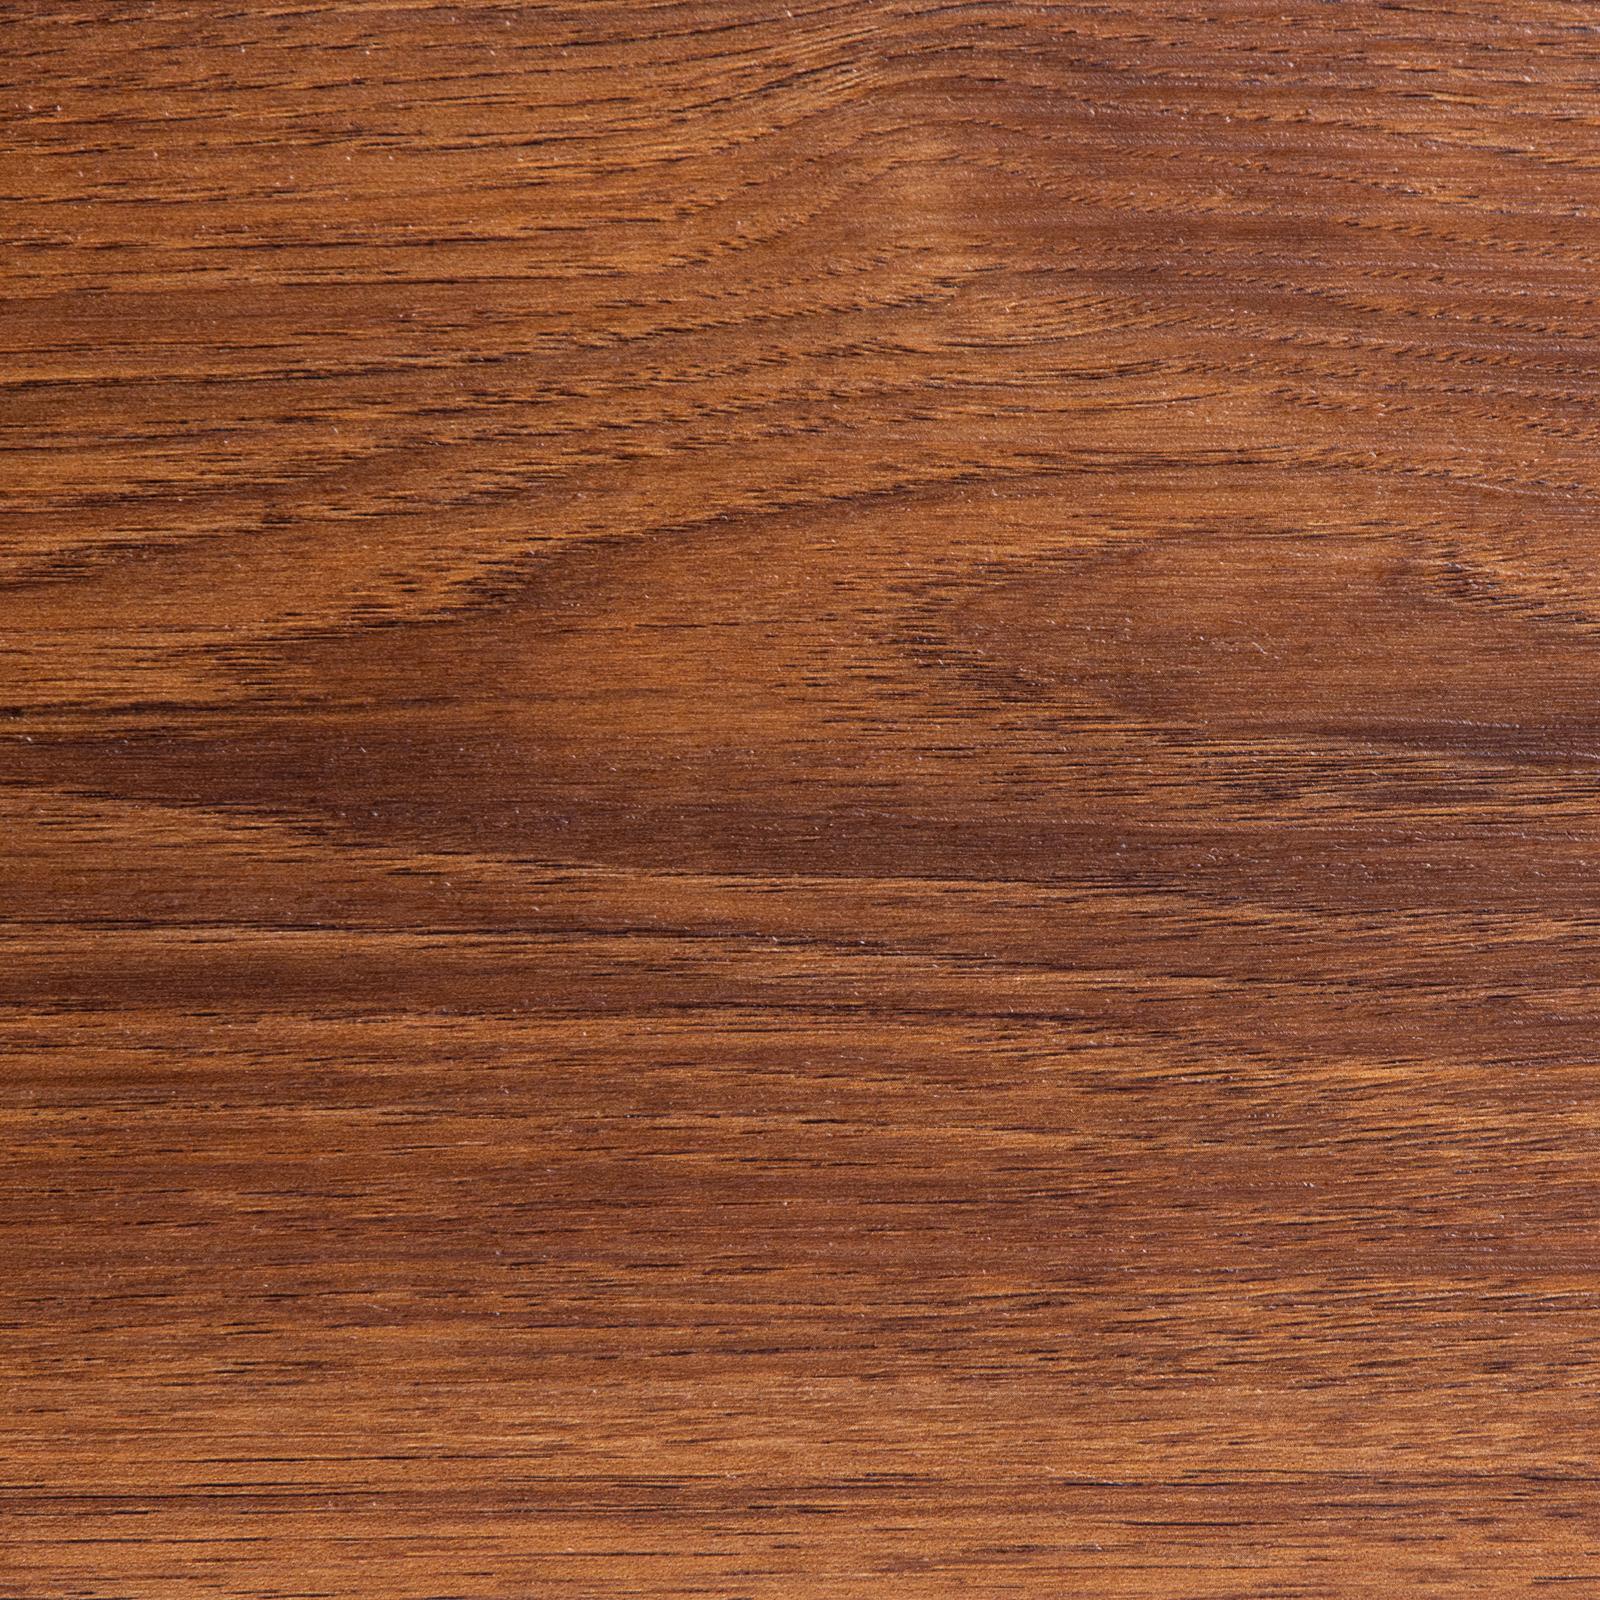 Ustik 1220 x 184 x 5mm 2.24m2 Walnut Peel And Stick Vinyl Plank - 10 Planks